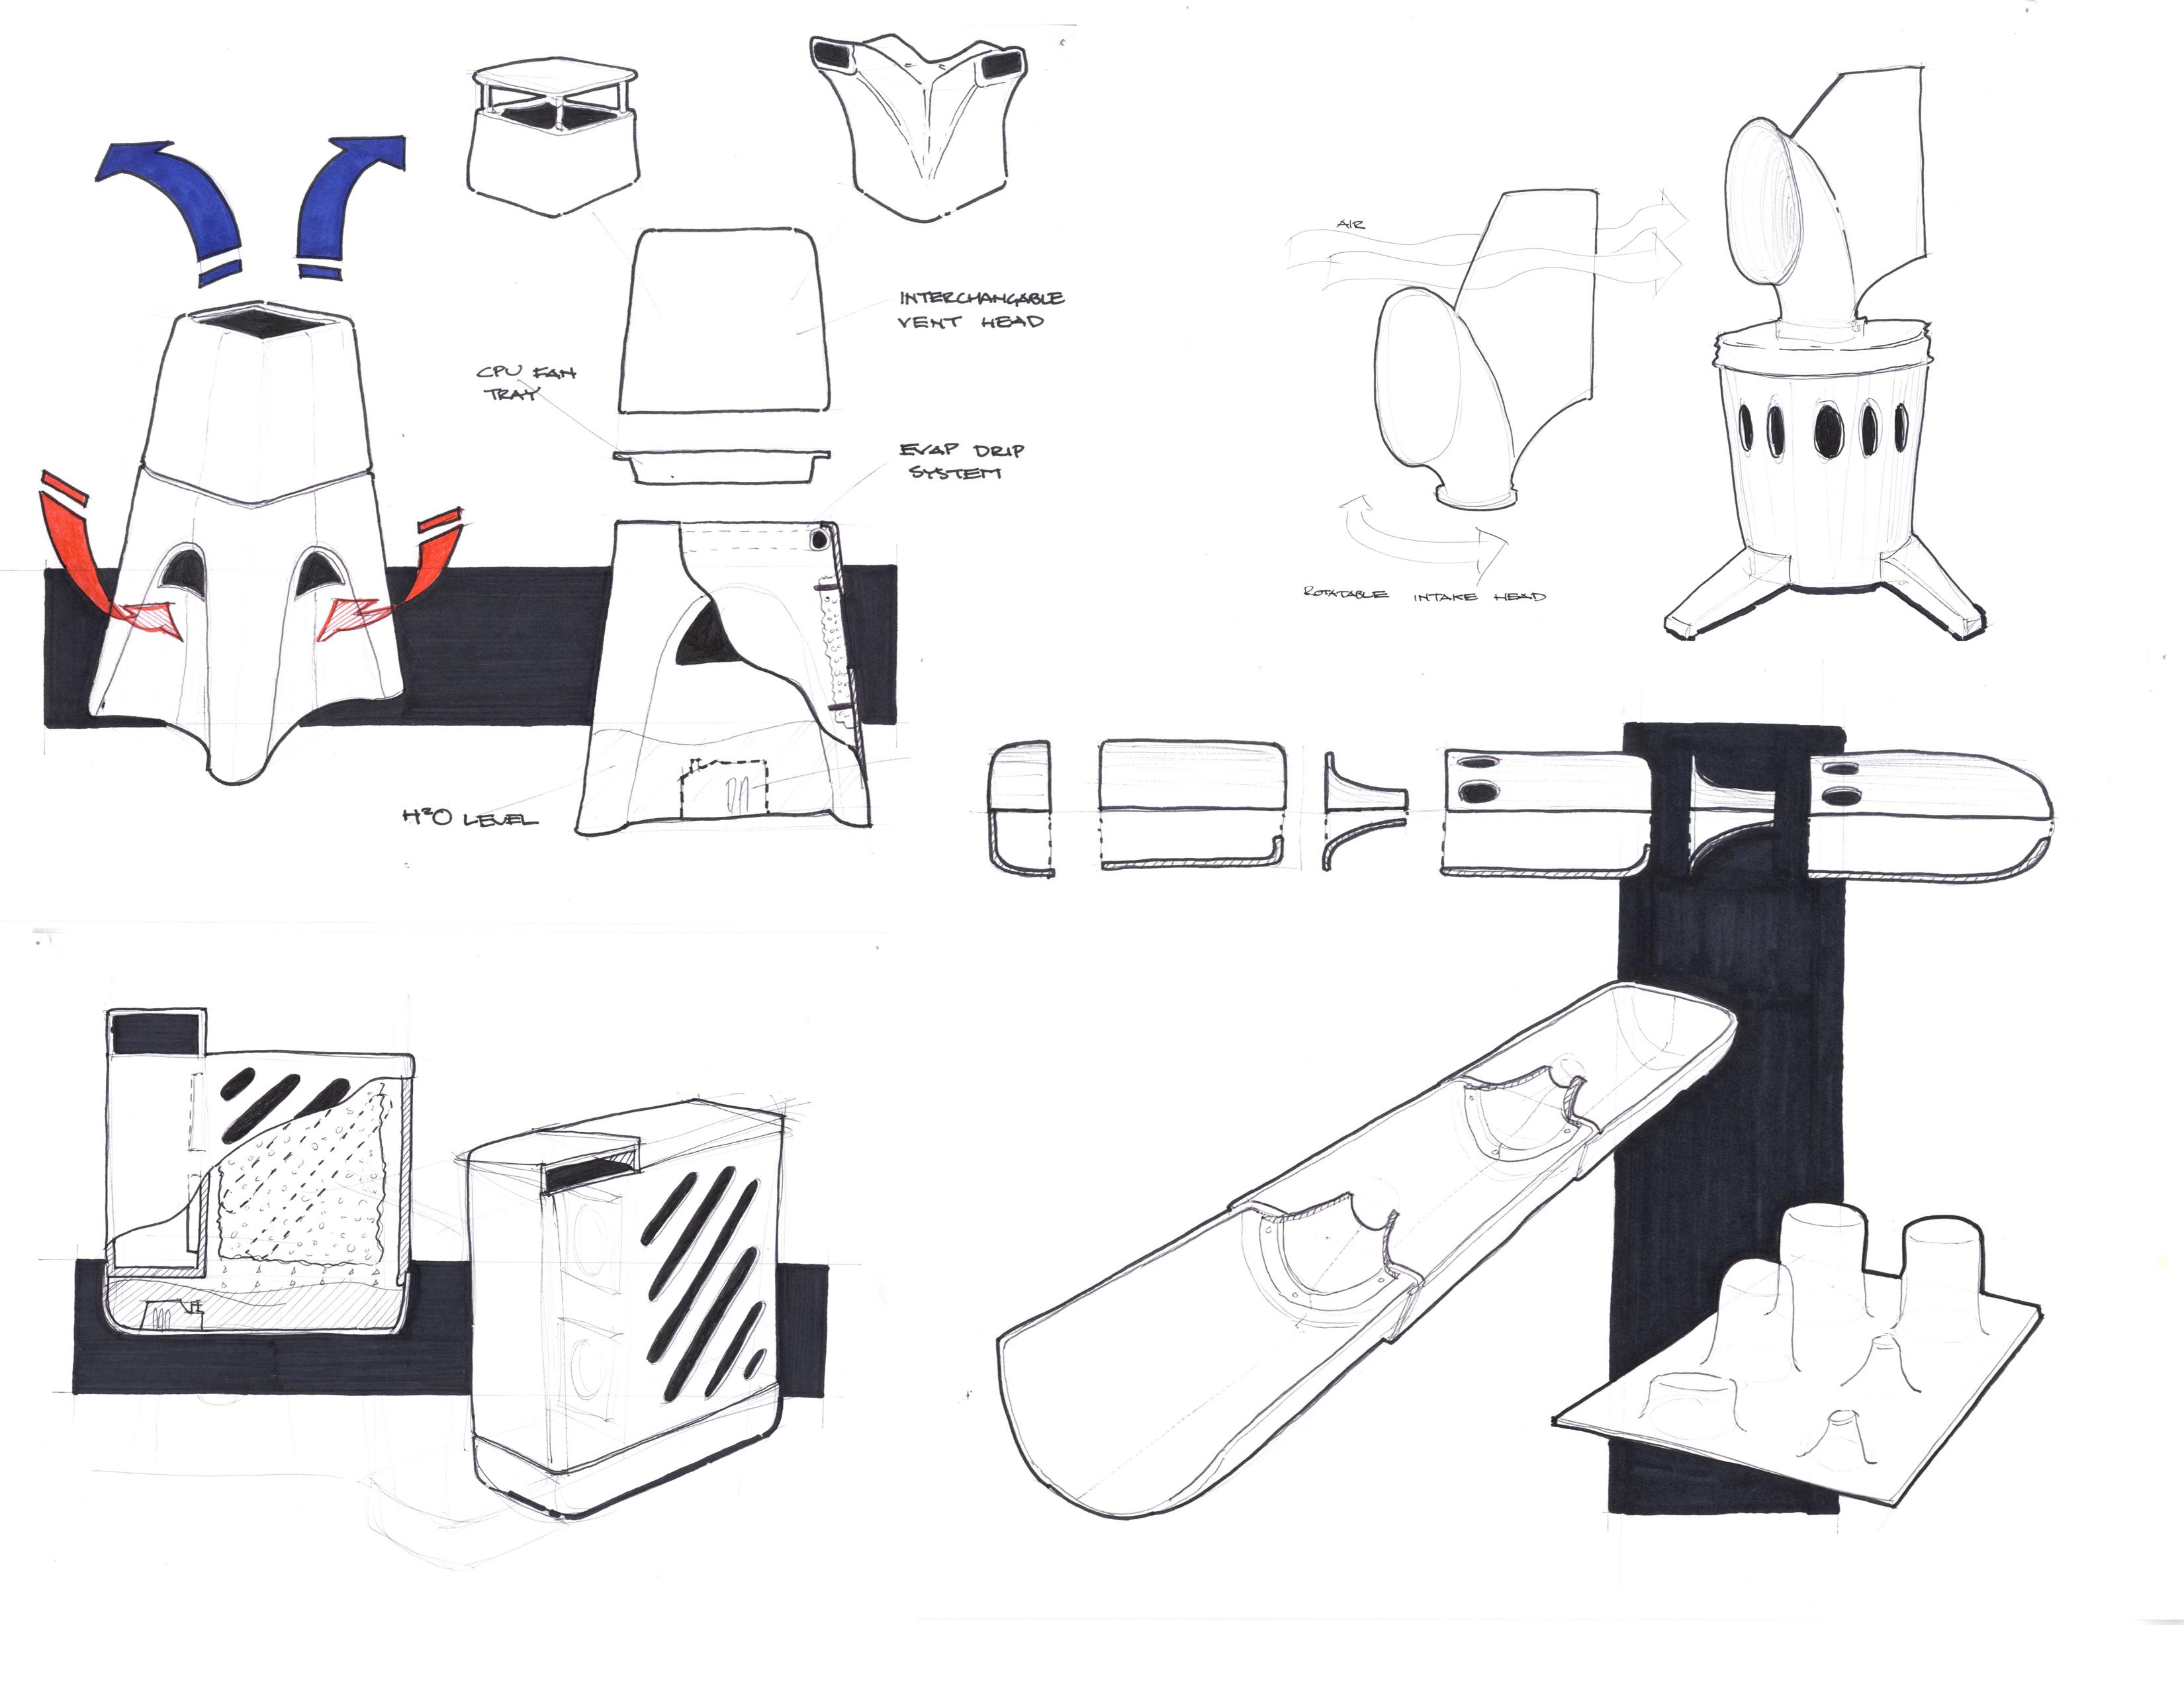 D.I.Y. Inspired Evaporative Cooler Design for Remote